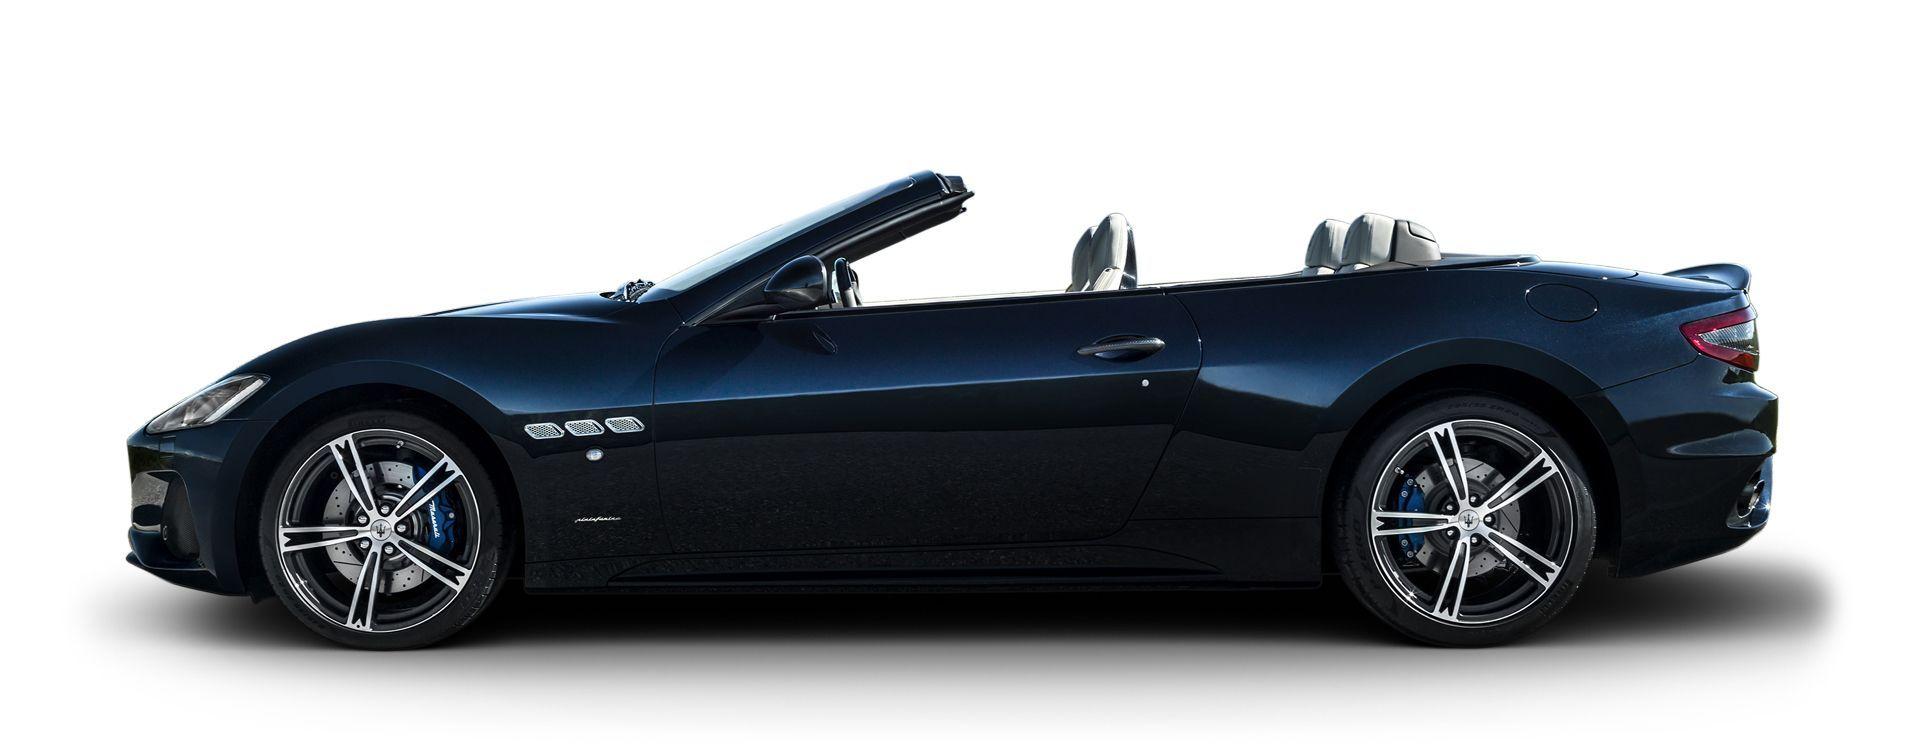 2018 Maserati Gran Cabrio V8 Carboneo Maserati sports